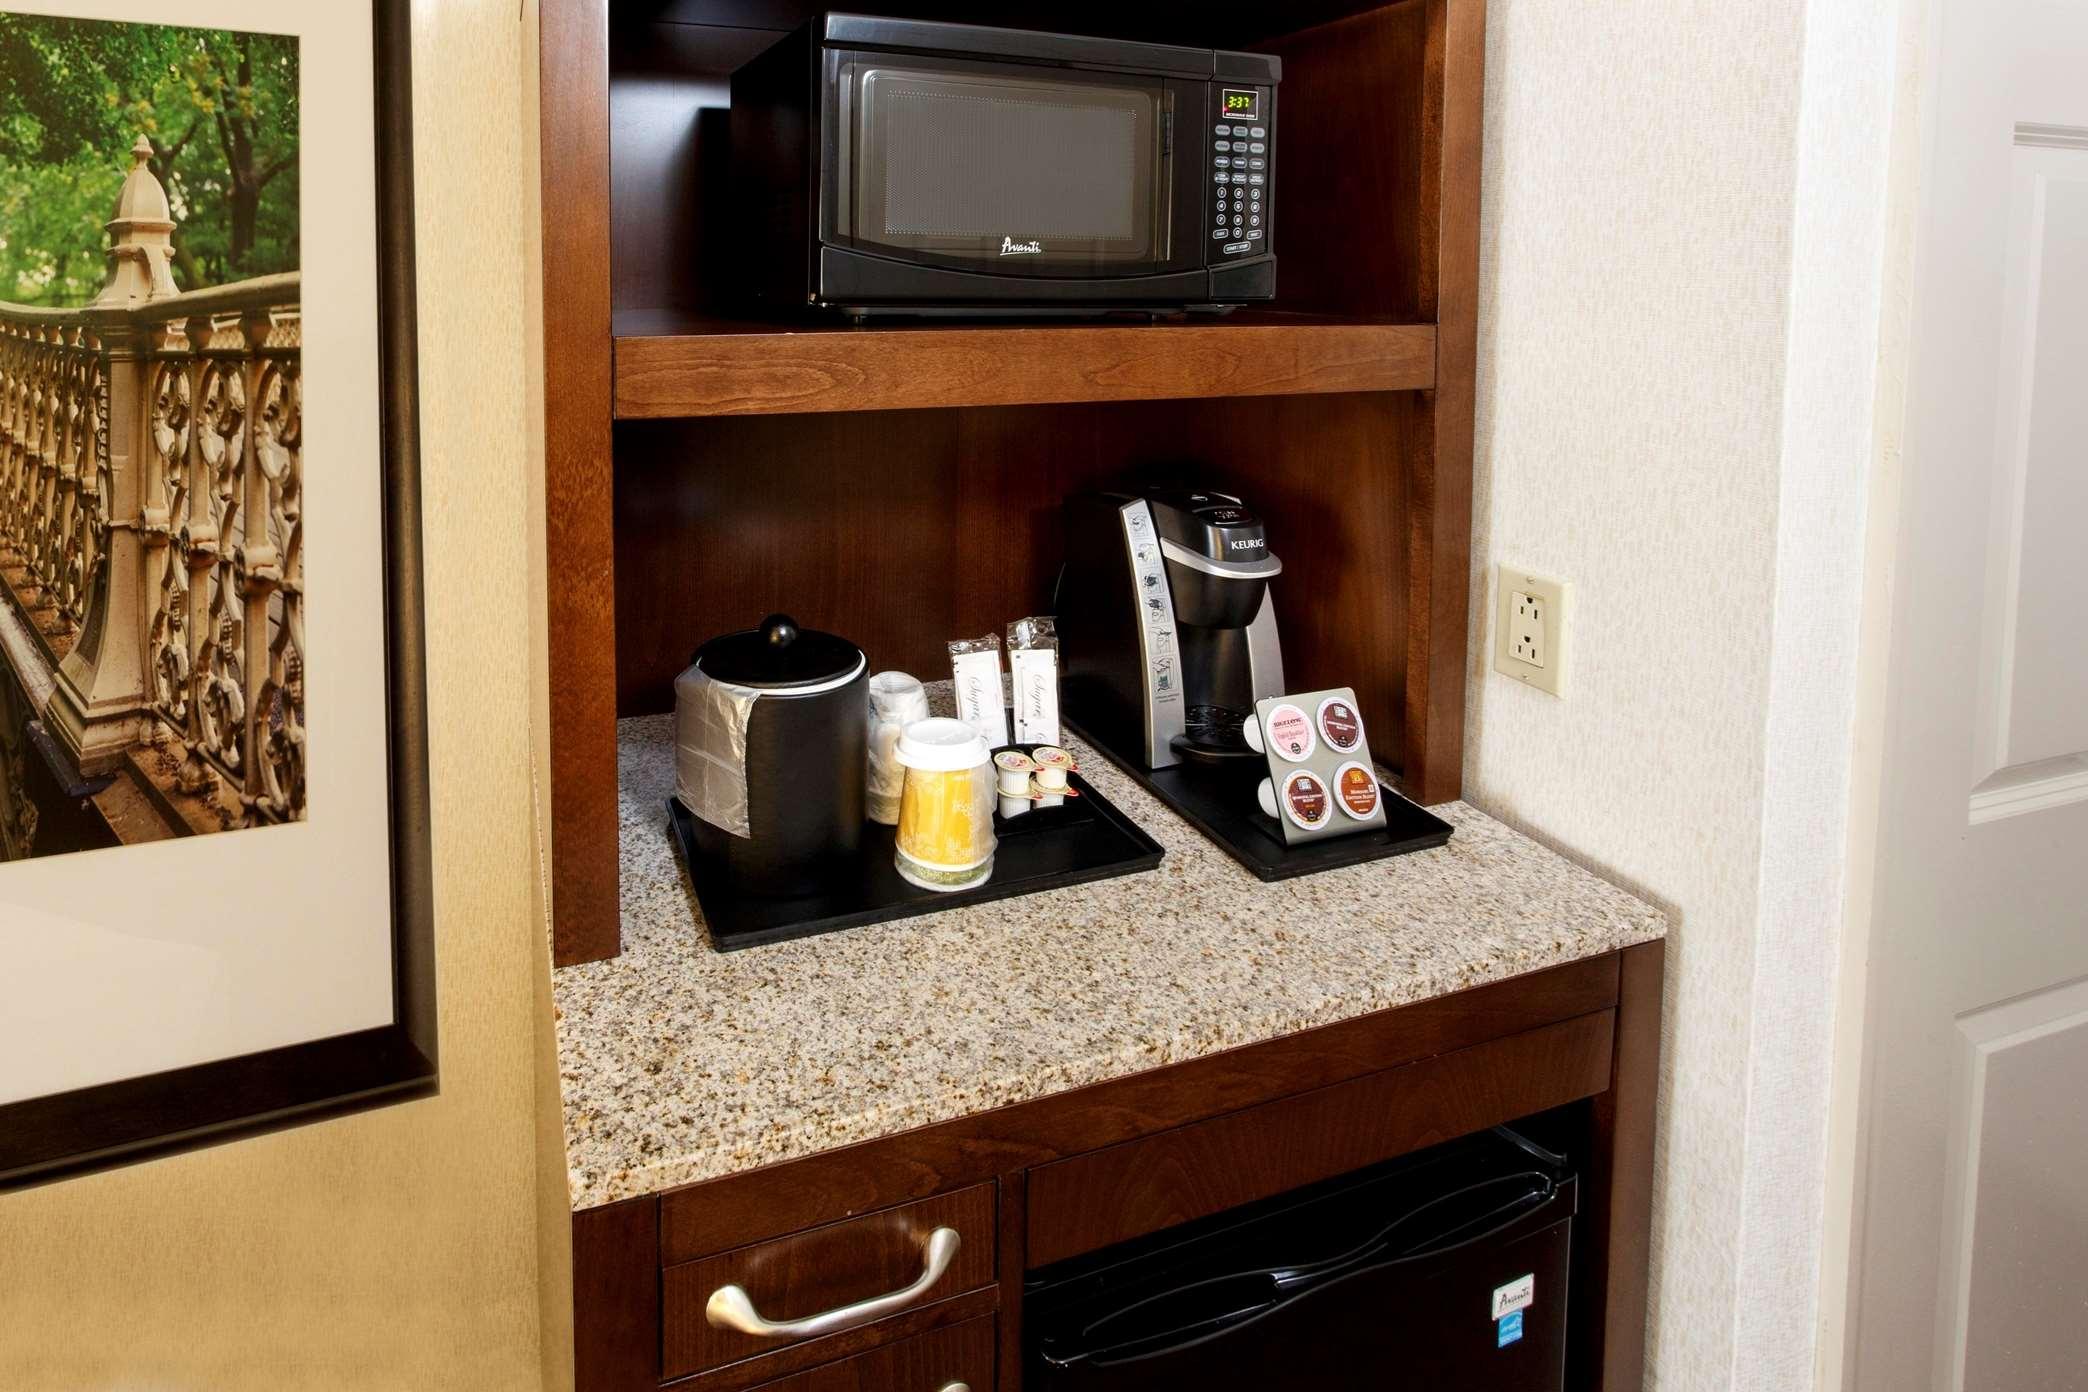 Keurig Microwave Refrigerator